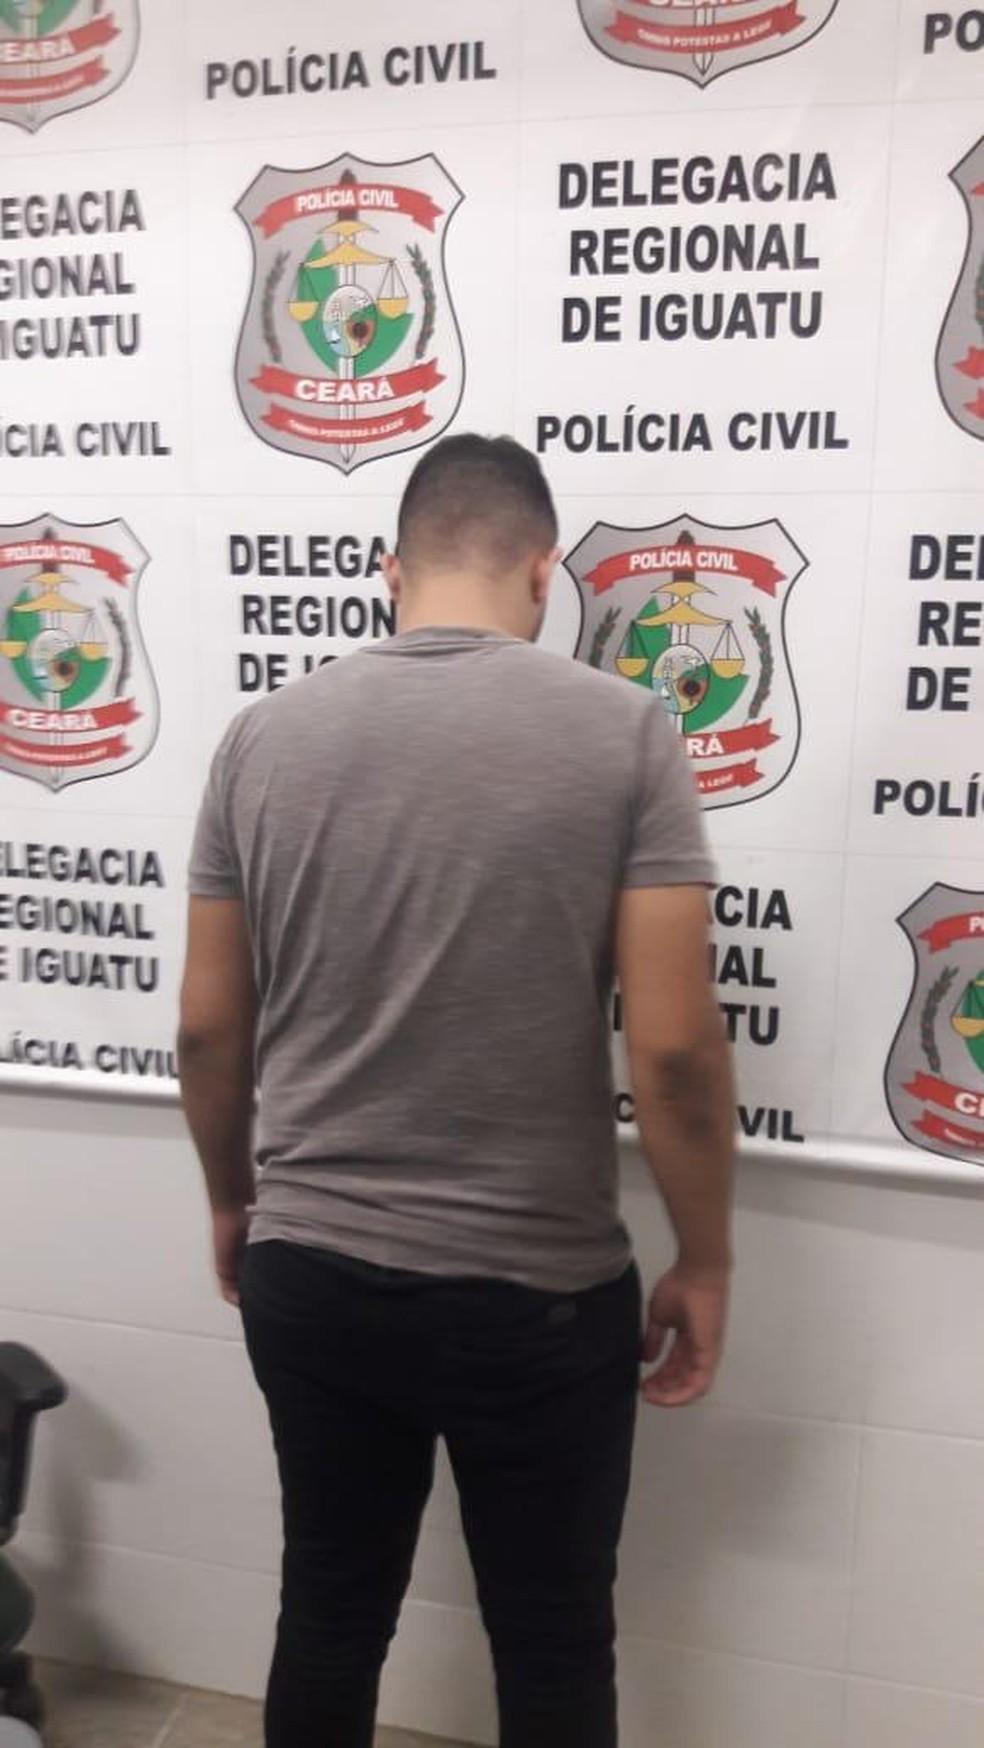 Suspeito foi preso em casa após a denúncia de uma das vítimas. — Foto: Arquivo pessoal